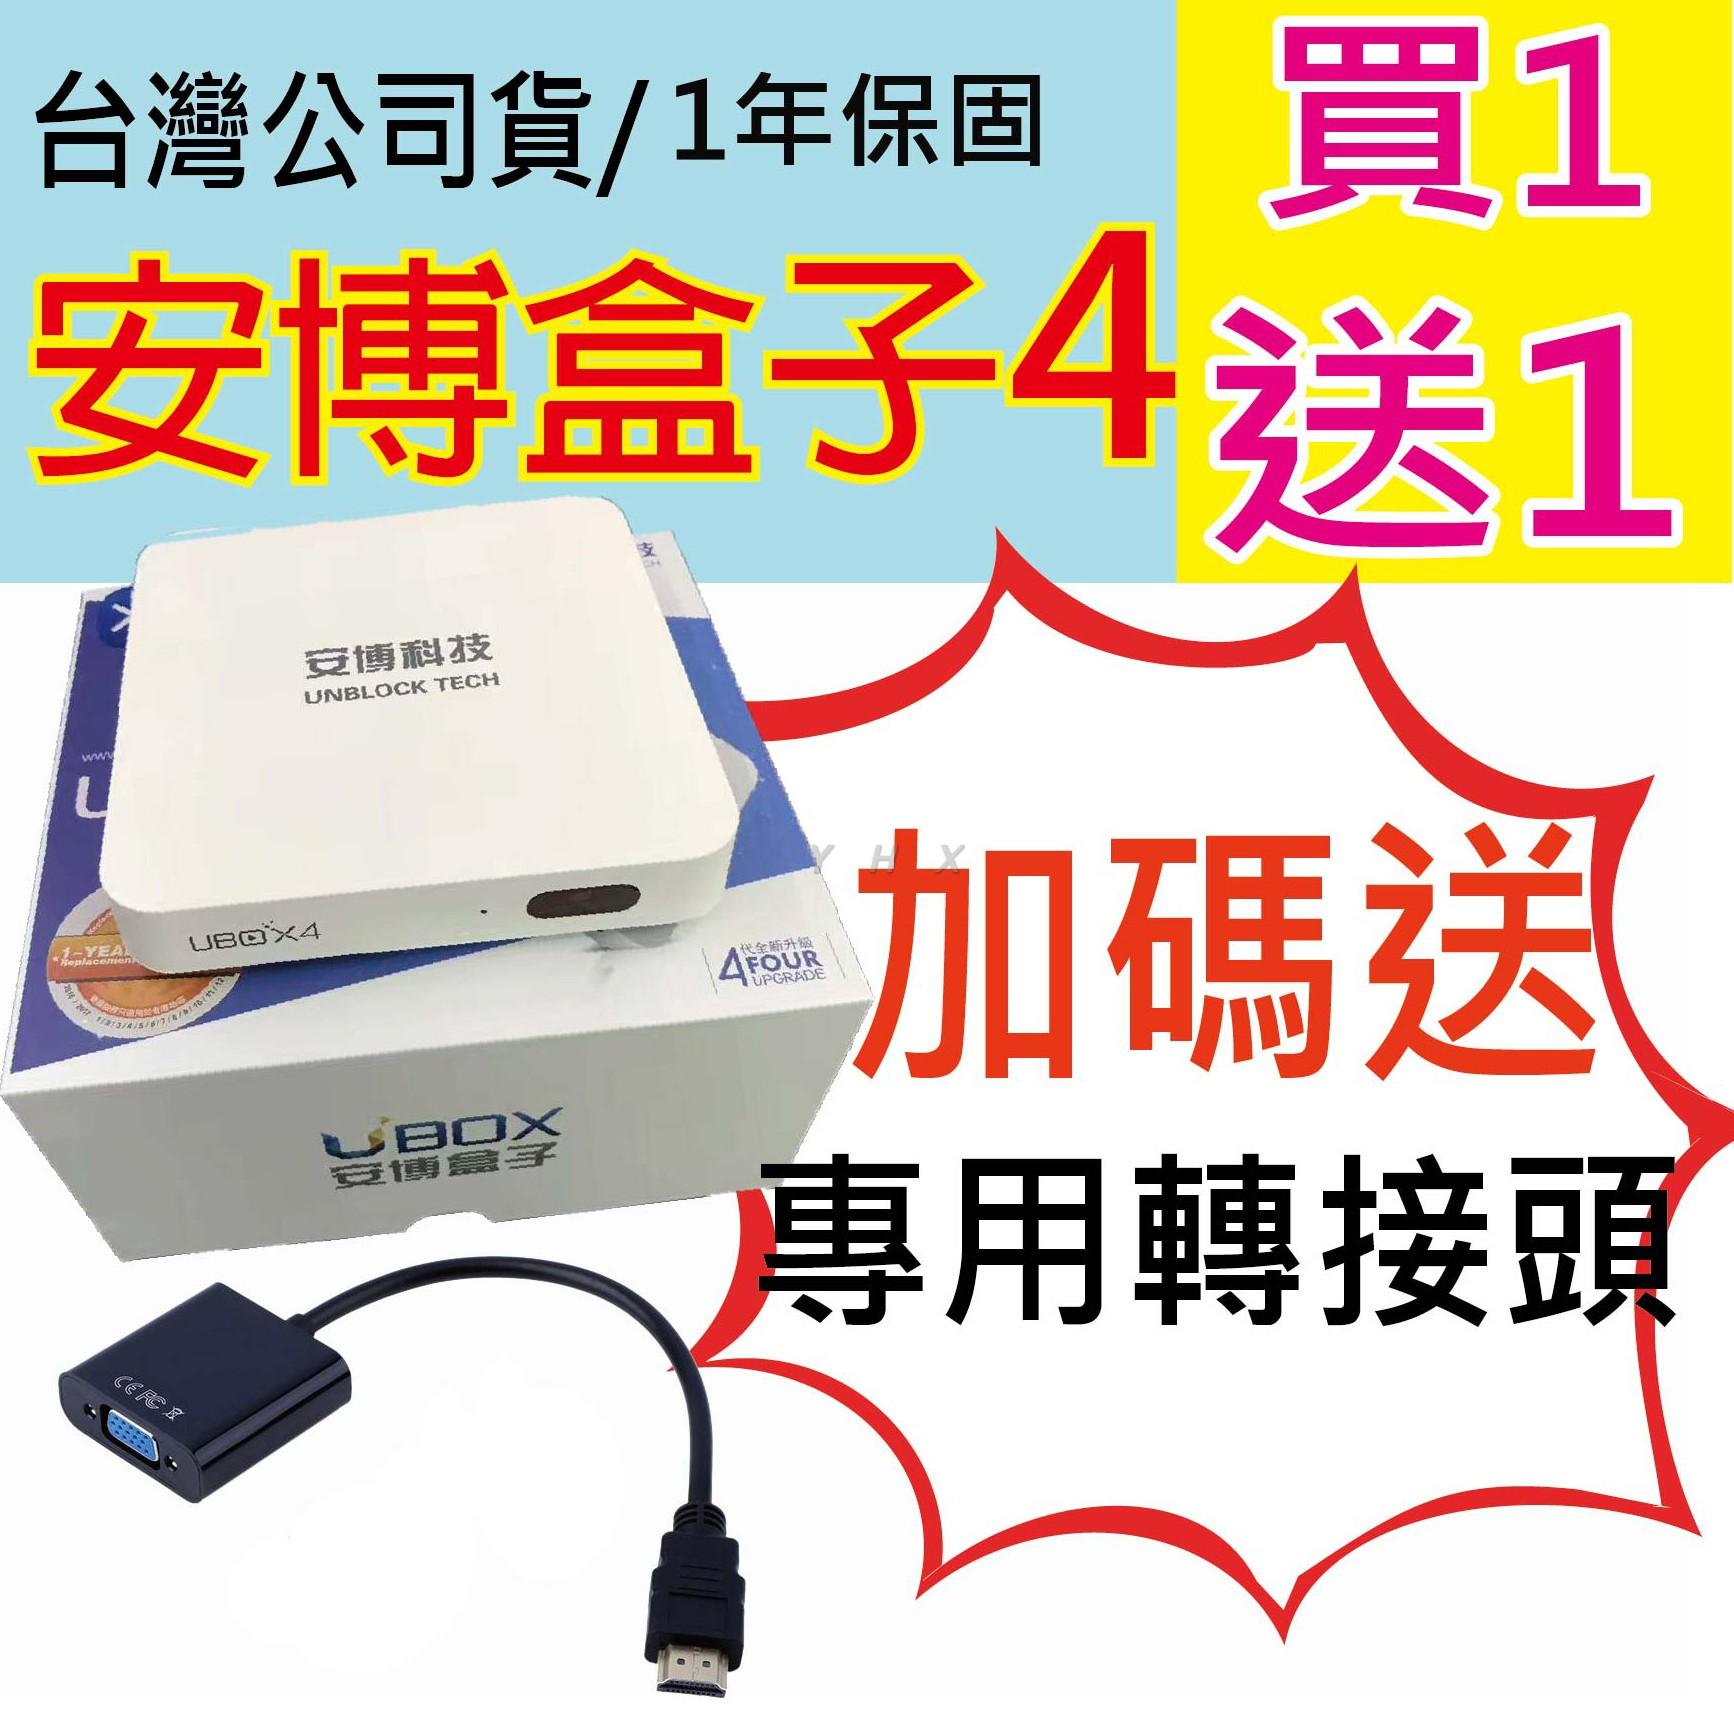 現貨免運 買一送大好禮 ! 台灣總代理公司貨 送轉接器 最新版安博盒子4代 安博盒子 U-BOX4 電視盒子 第四台 藍牙 智慧電視盒 一年保固 安博科技 最新版安博盒子4代 團購價 機上盒 議價